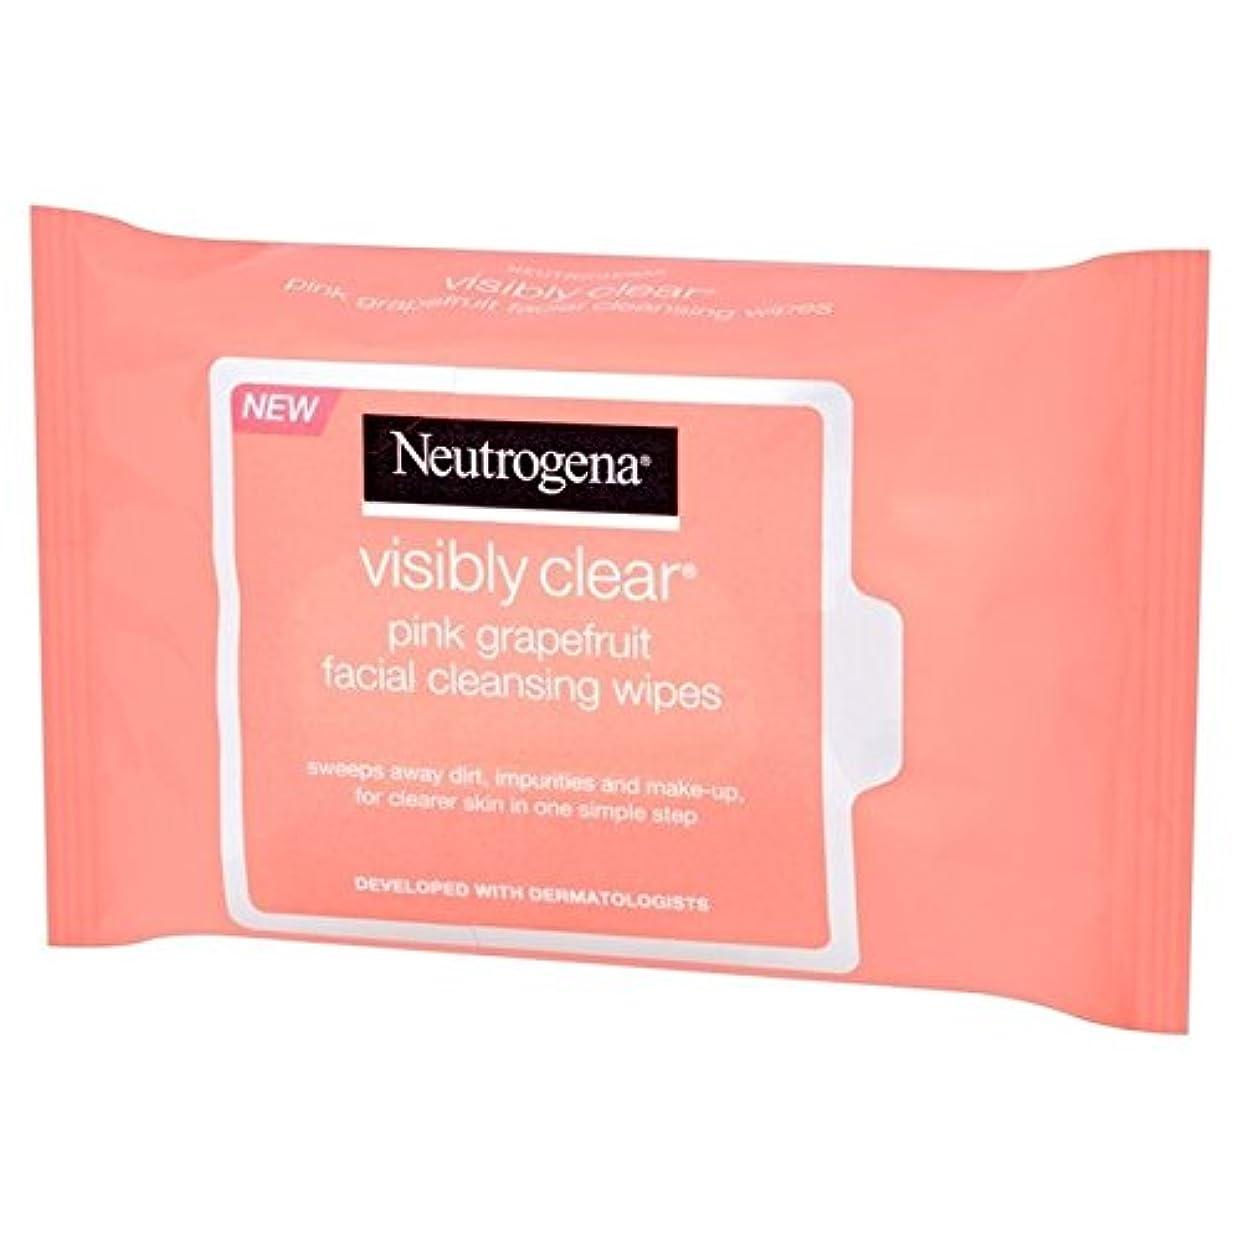 残基矛盾する国家Neutrogena Visibly Clear Pink Grapefruit Wipes 25 per pack - ニュートロジーナ目に見えて明らかピンクグレープフルーツは、パックごとに25ワイプ [並行輸入品]